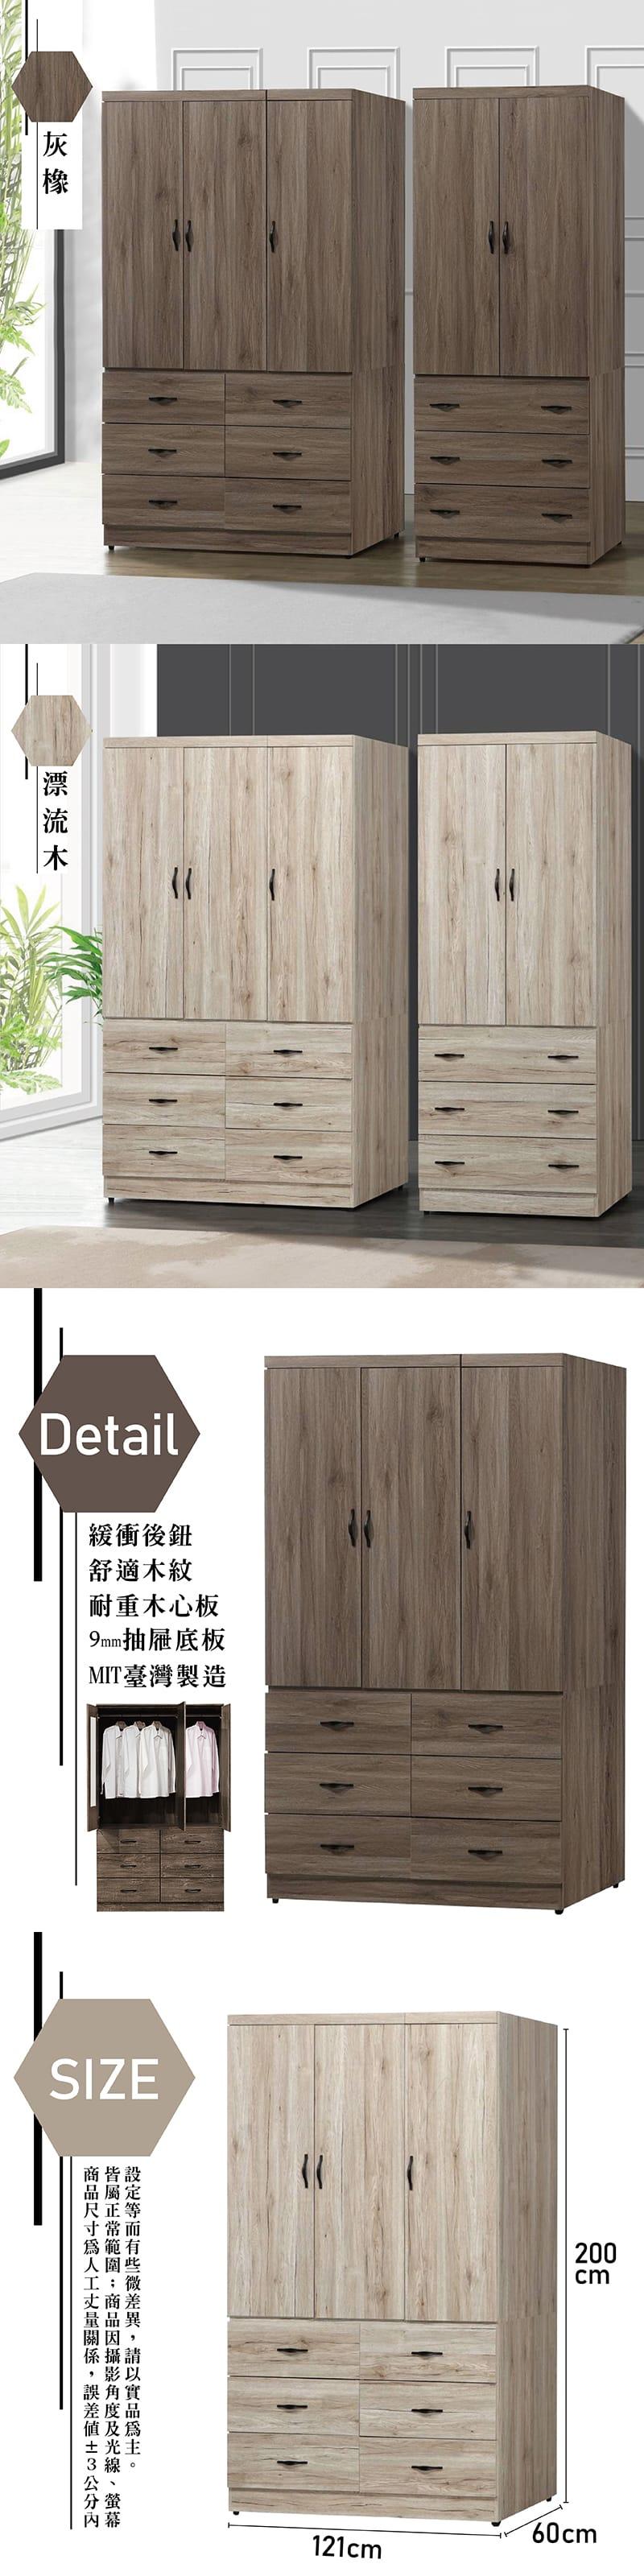 拉門收納置物衣櫃 寬121cm【笠原】